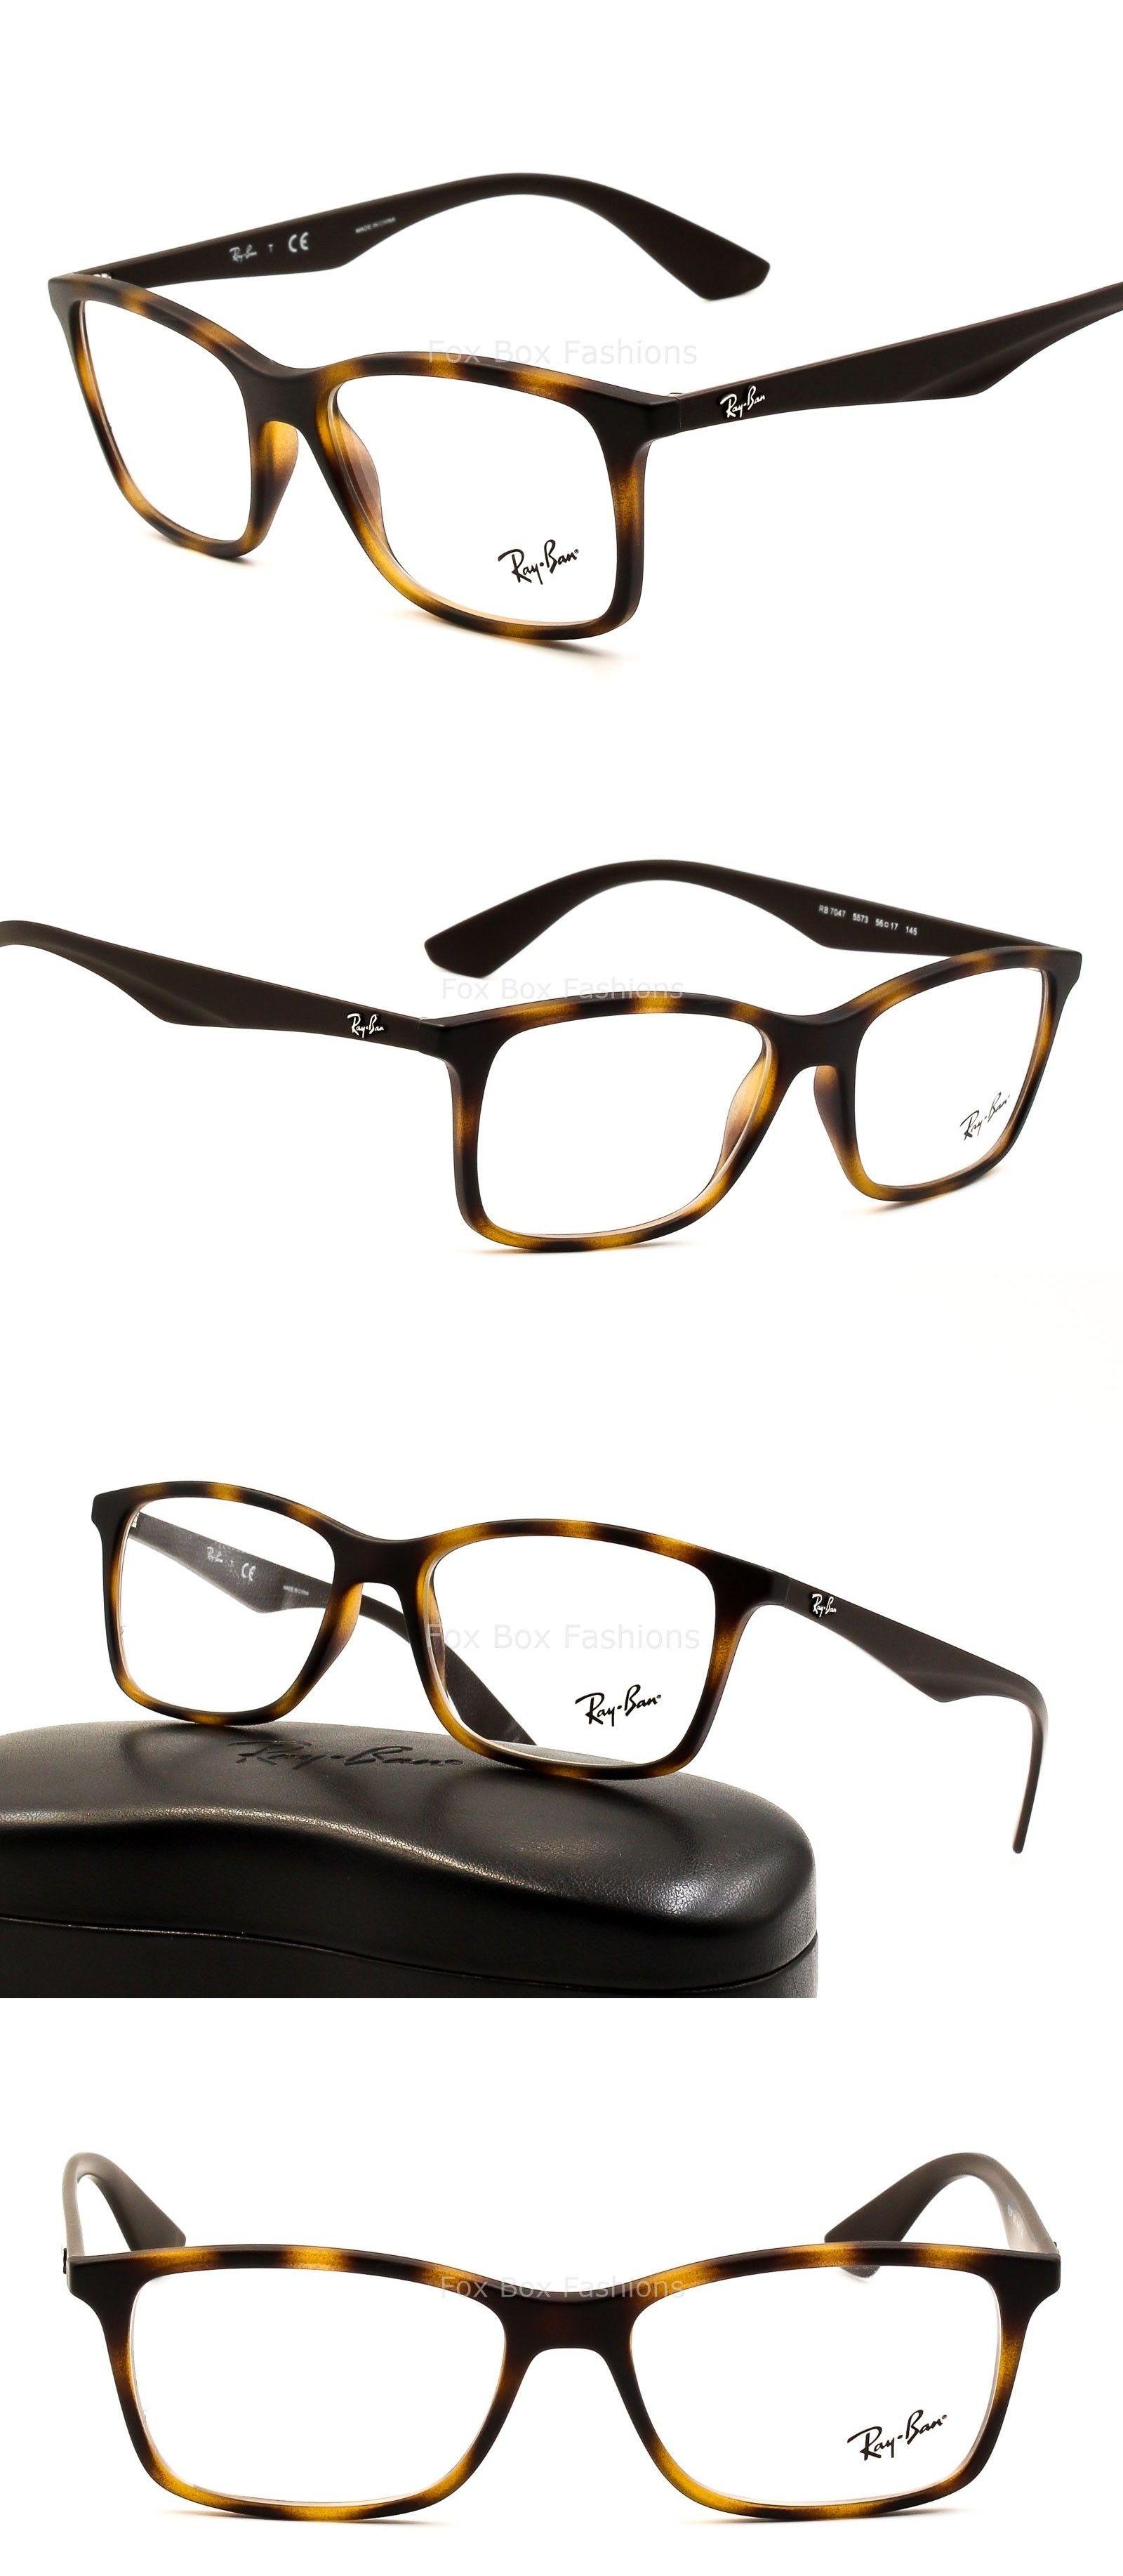 02502580eb Eyeglass Frames  Ray-Ban 7047 5573 Eyeglasses Optical Frames Glasses Matte  Tortoise 56Mm ~ W Case -  BUY IT NOW ONLY   74.95 on eBay!